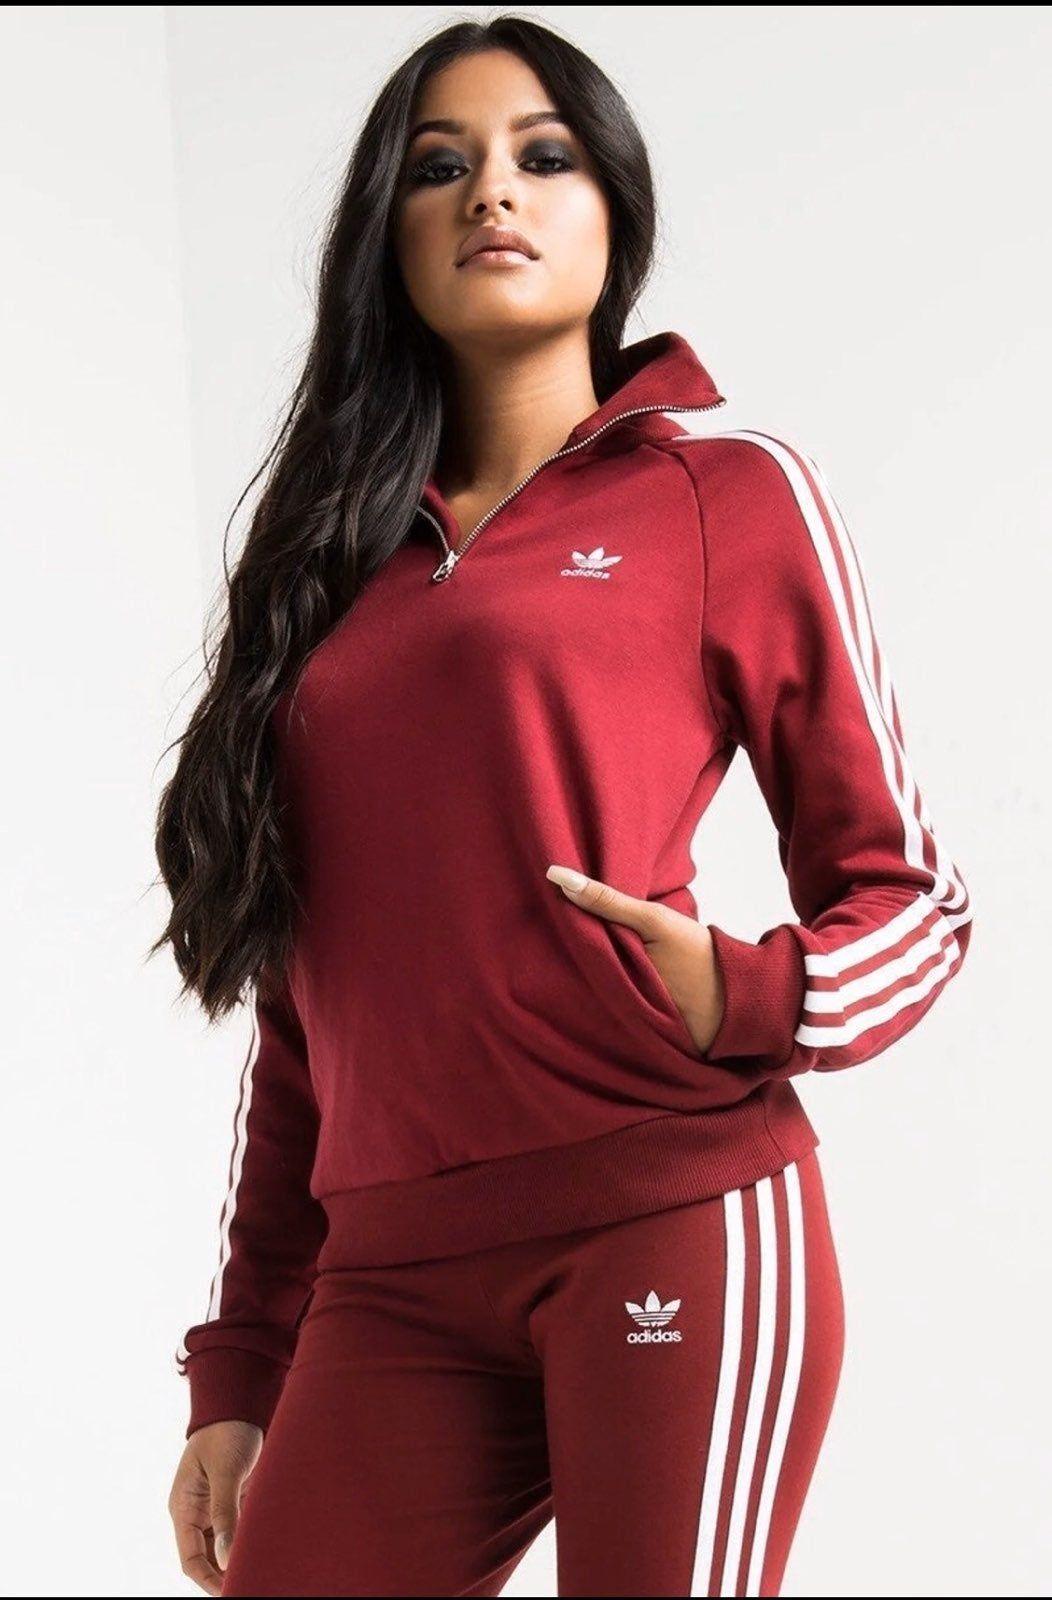 Adidas Collared Half Zip Women S Burgundy Sweatshirt Half Zip Sweatshirt Zip Up Pockets On Both Si Adidas Jacket Burgundy Sweatshirt Half Zip Sweatshirt [ 1600 x 1052 Pixel ]